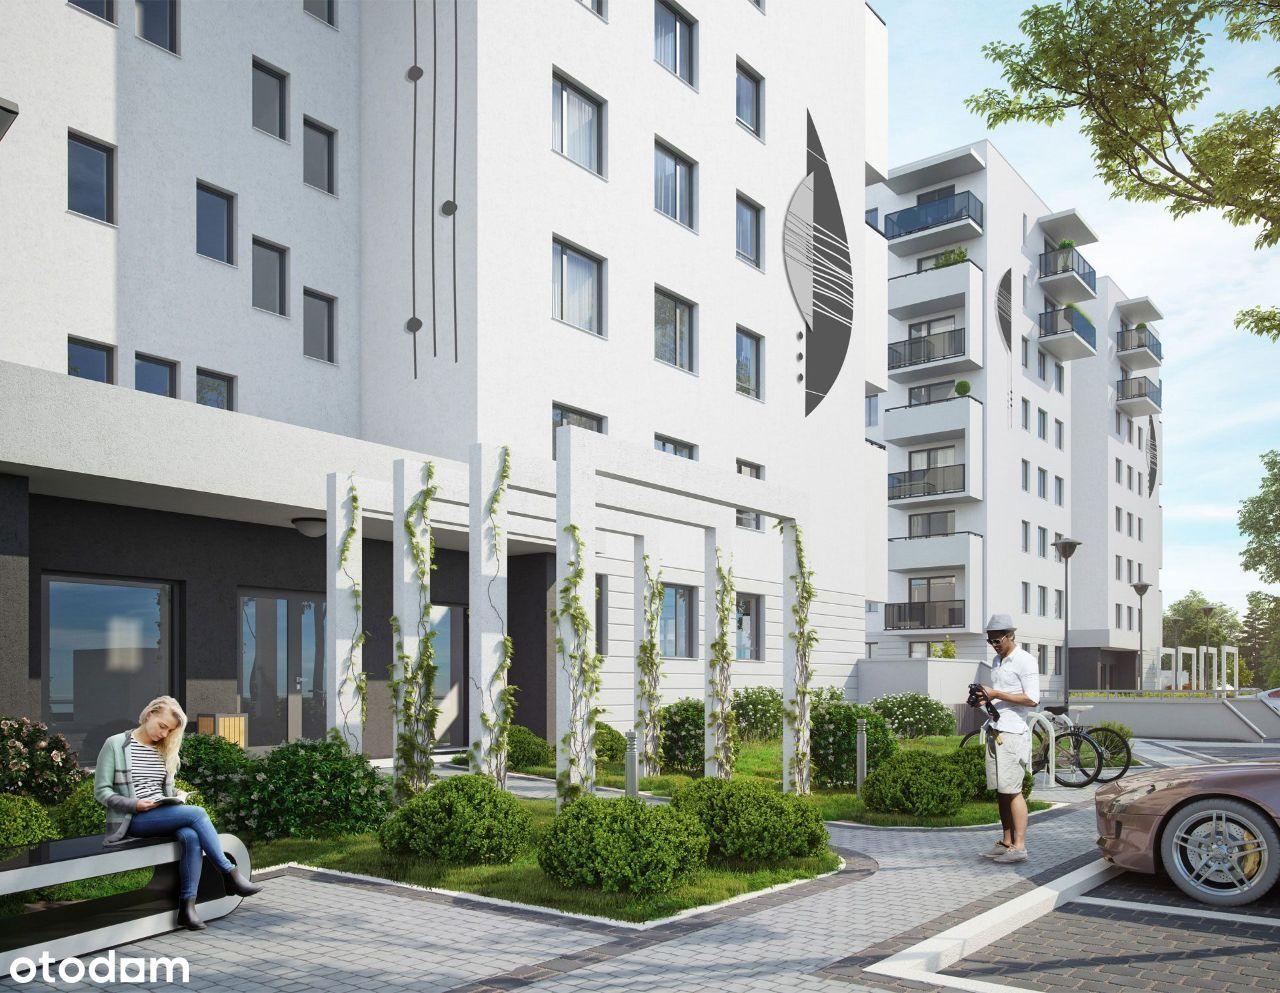 Wysoki standard, projekt, centrum Torunia, m.post.